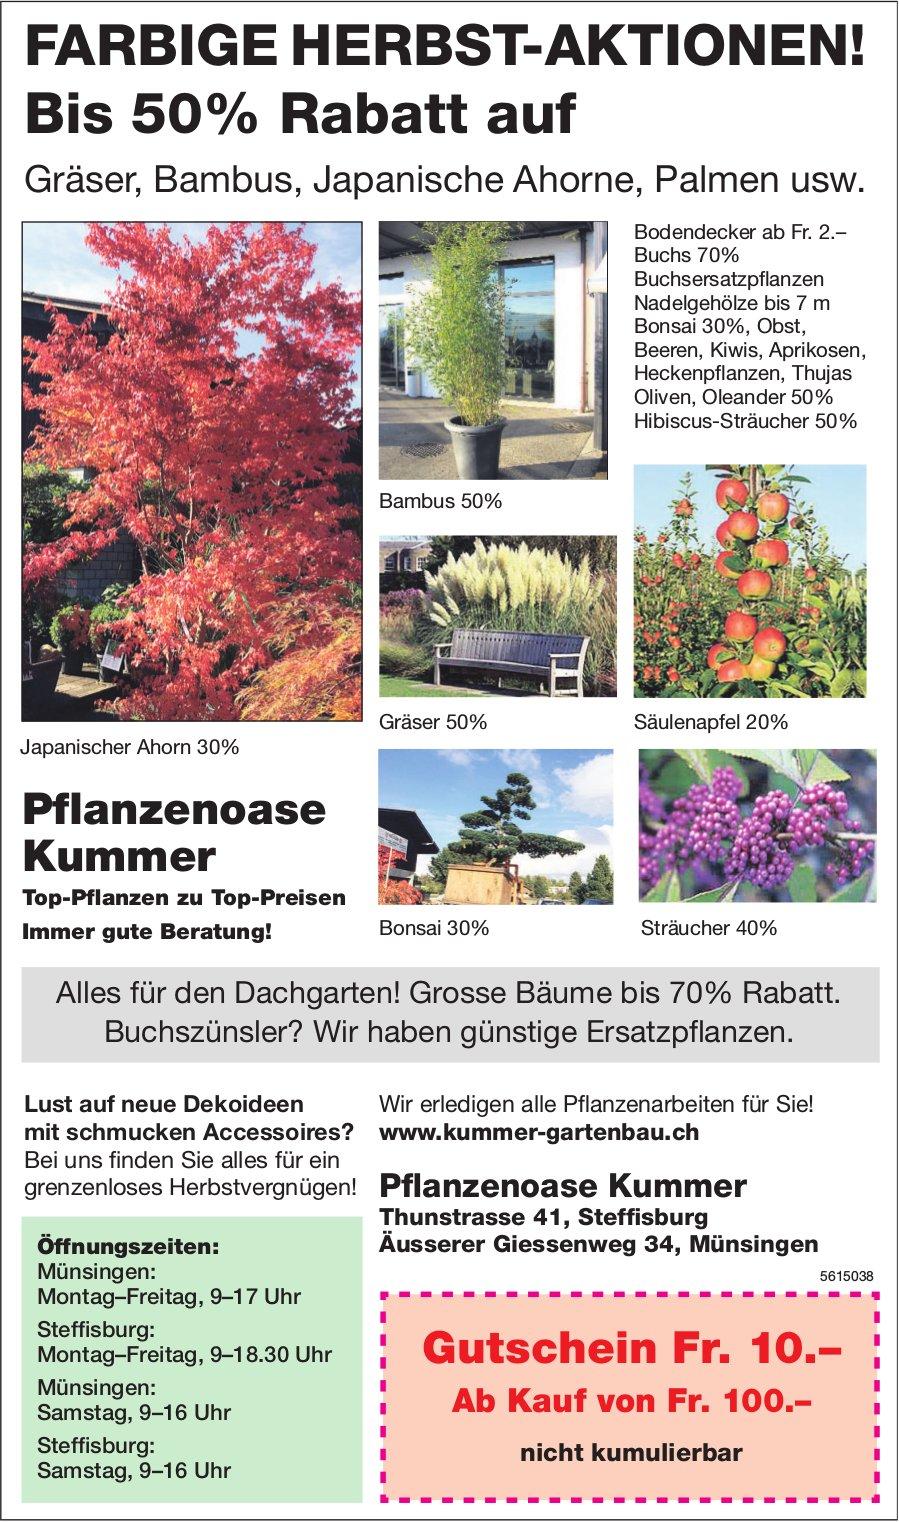 Pflanzenoase Kummer - FARBIGE HERBST-AKTIONEN! Bis 50% Rabatt